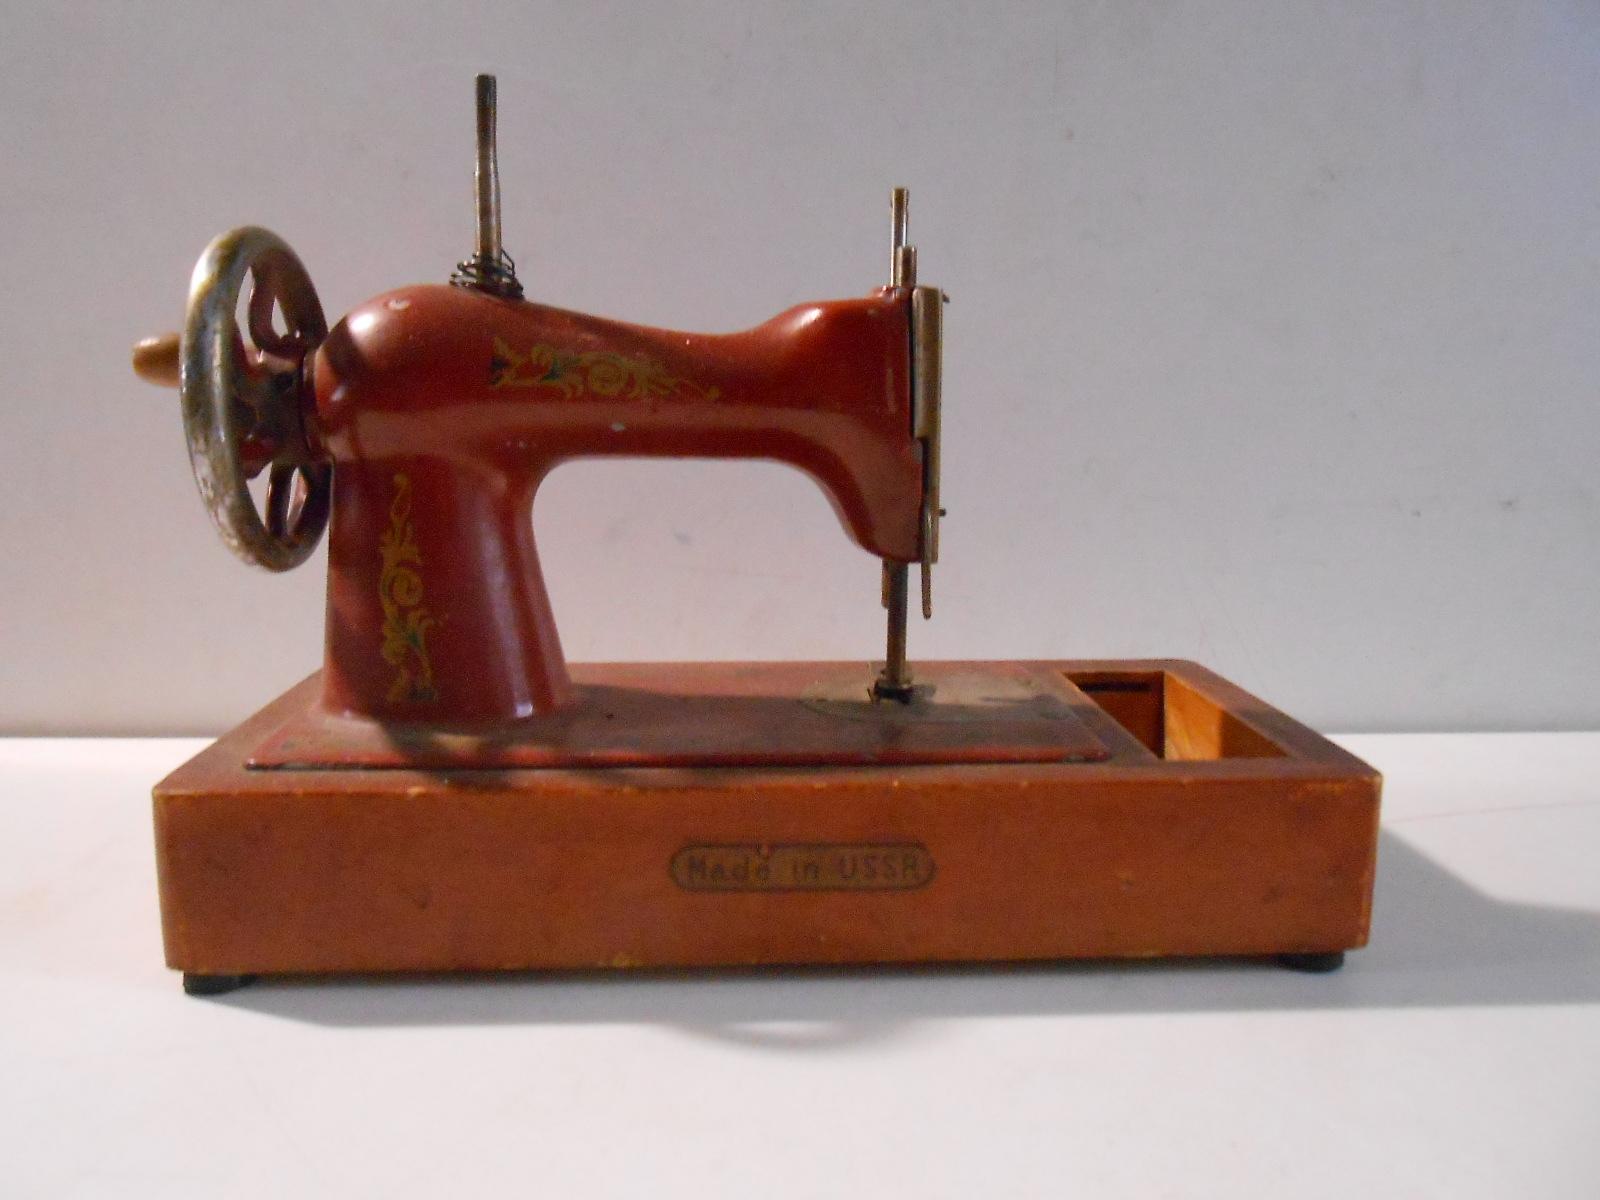 Giocattolo macchina da cucire in metallo parti mancanti for Macchina da cucire meccanica